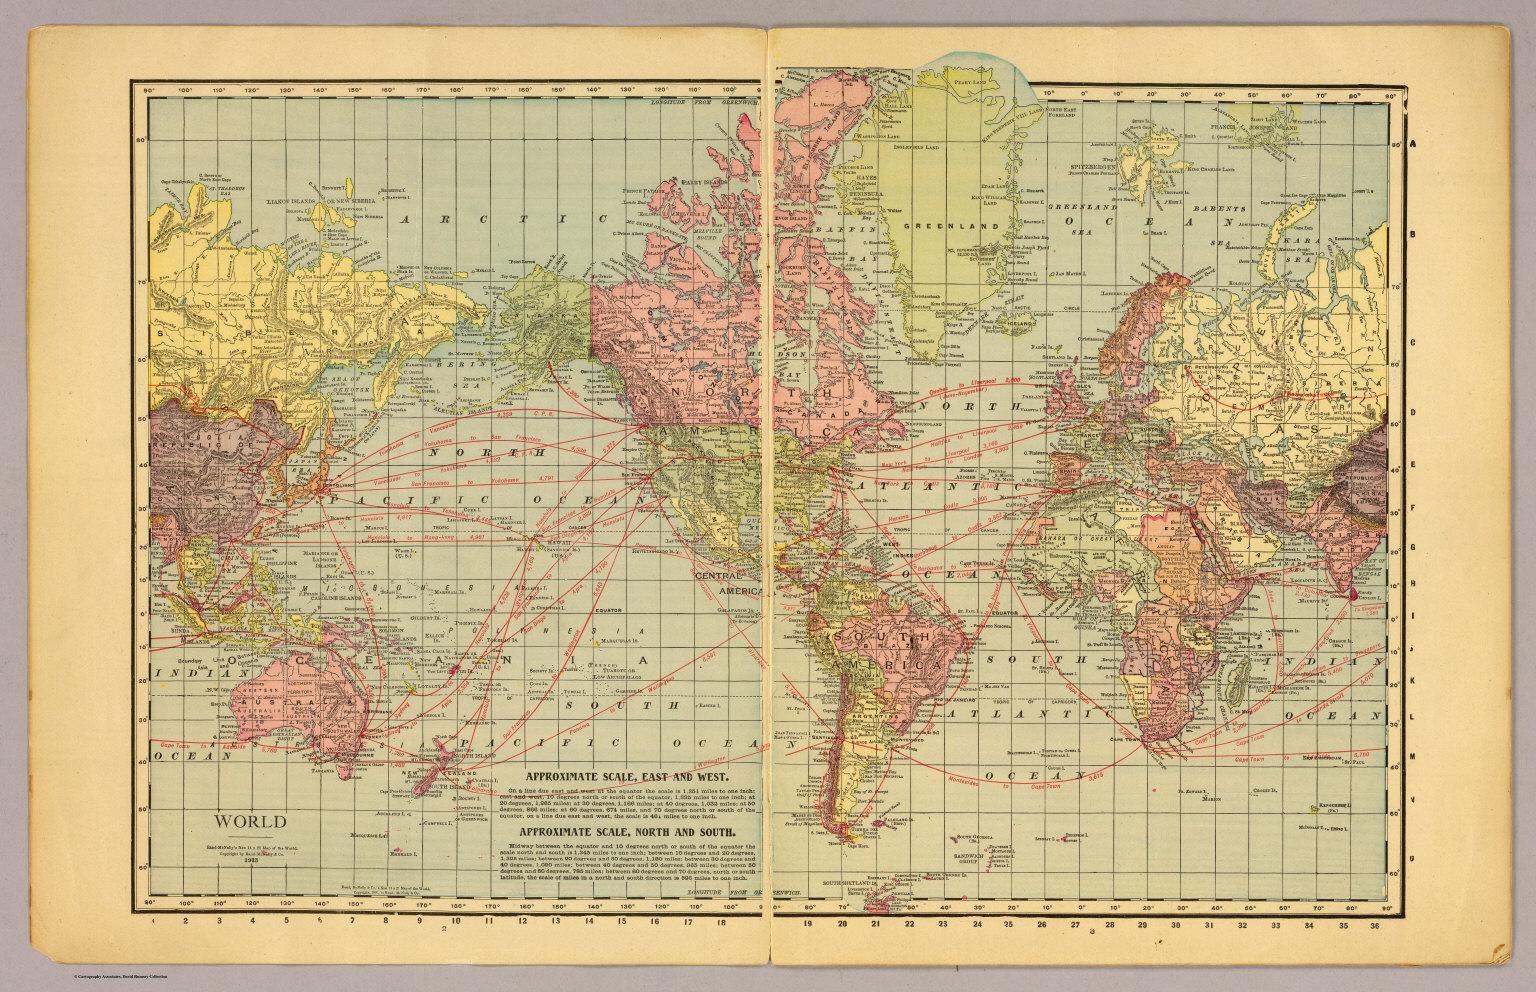 World Map 1913 | autobedrijfmaatje